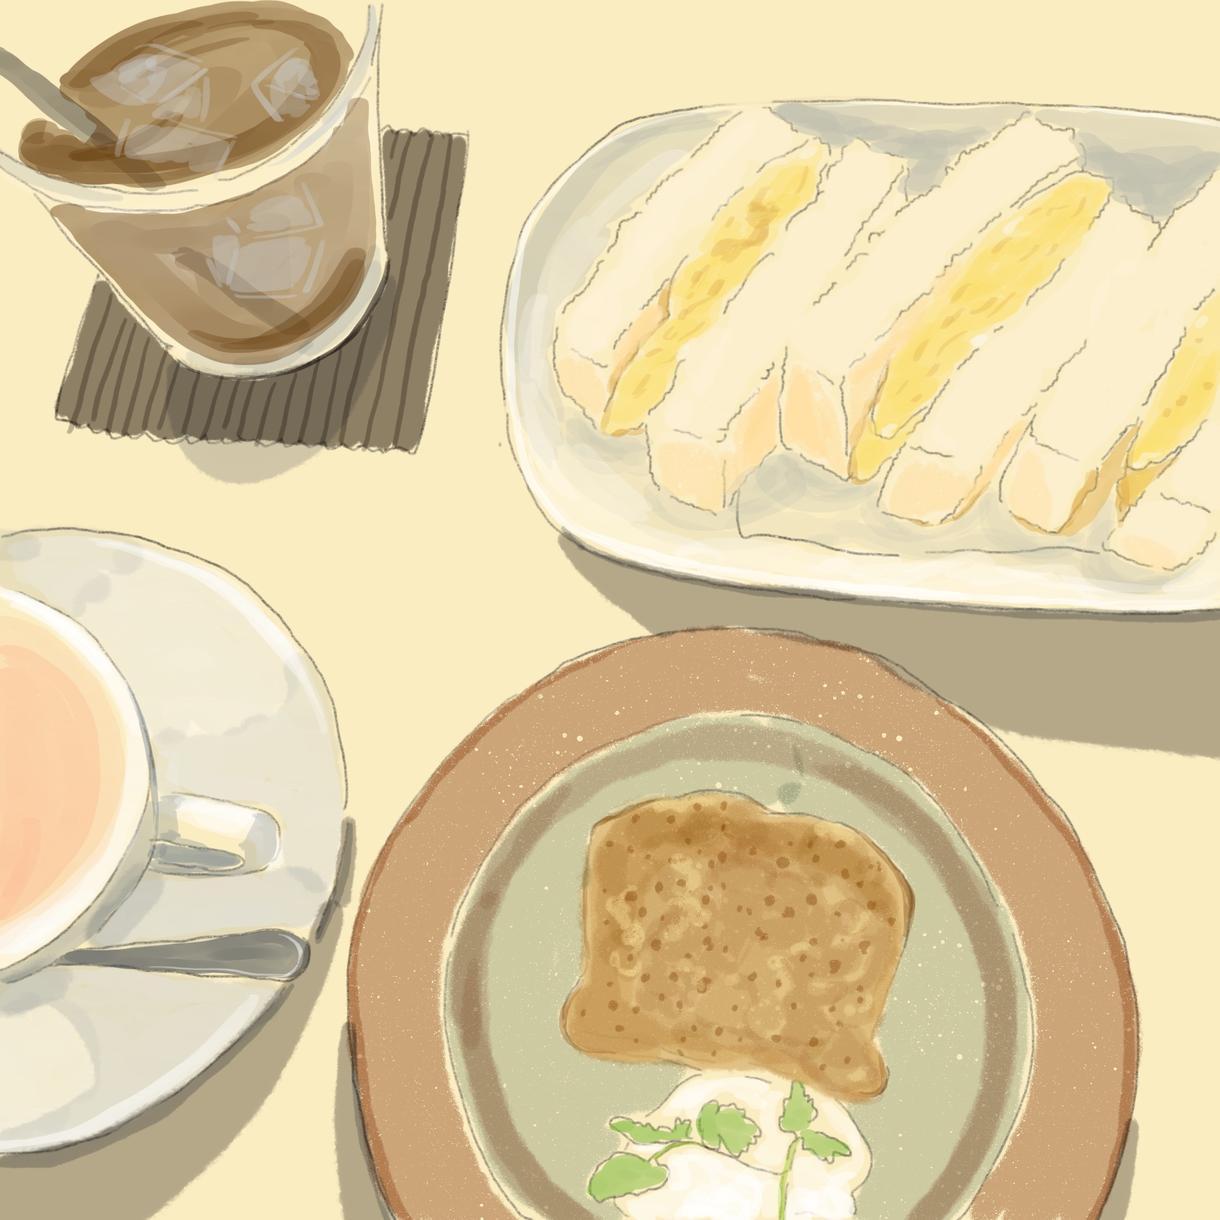 食べ物のイラスト描きます お好きな食べ物や料理を柔らかいテイストで描きます